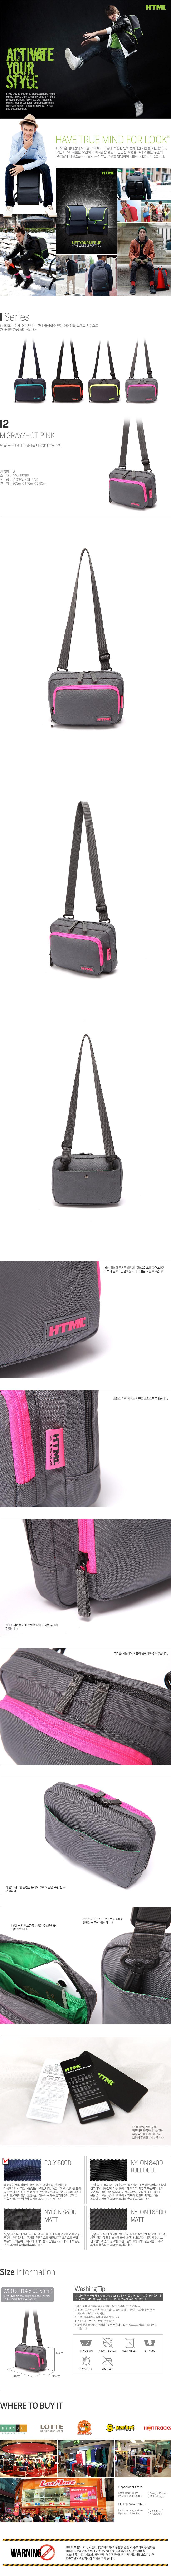 [에이치티엠엘]HTML- I2 Crossbag (M.GRAY/HOT PINK)